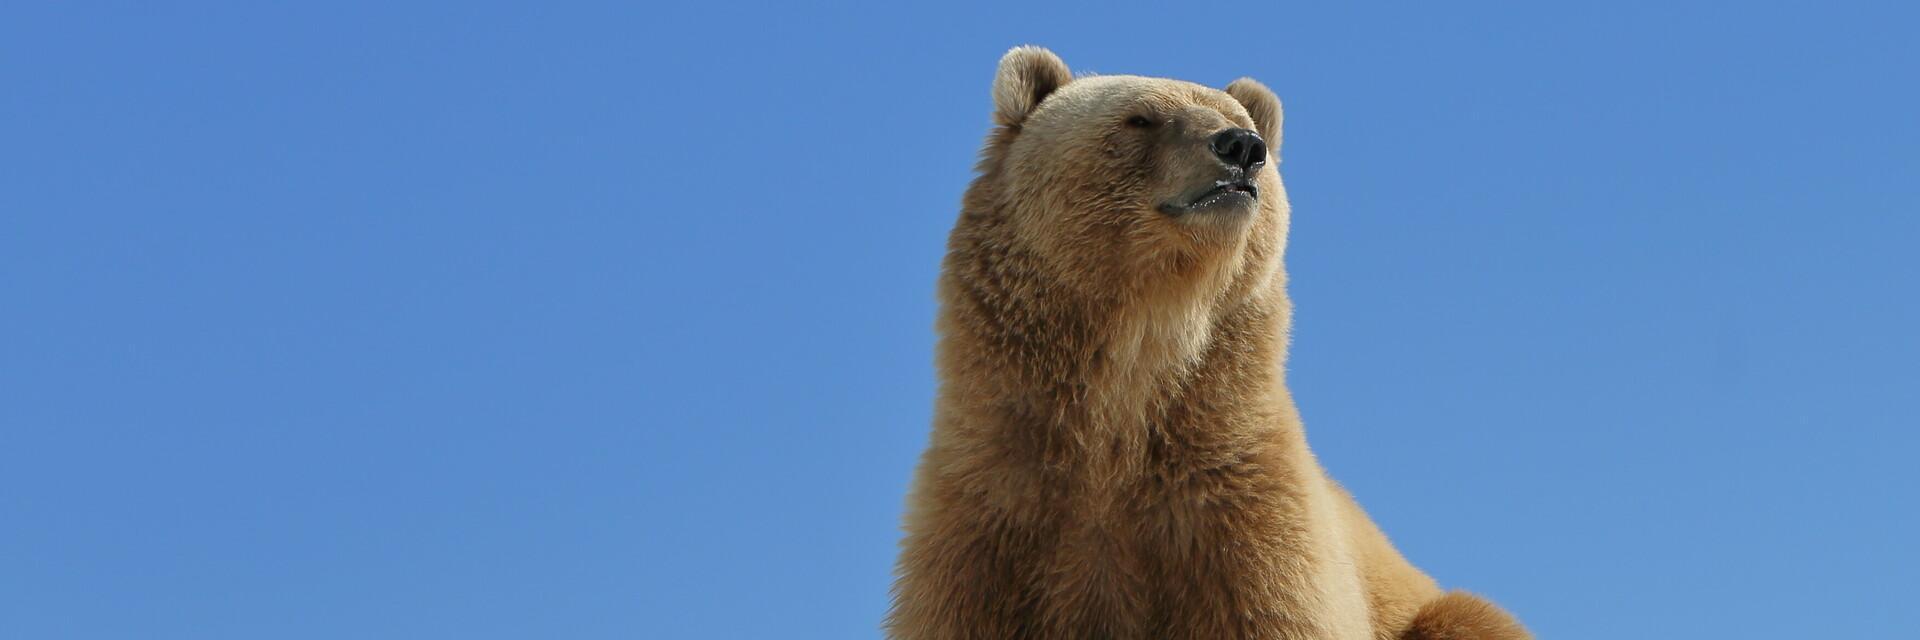 Bär Napa im Arosa Bärenpark